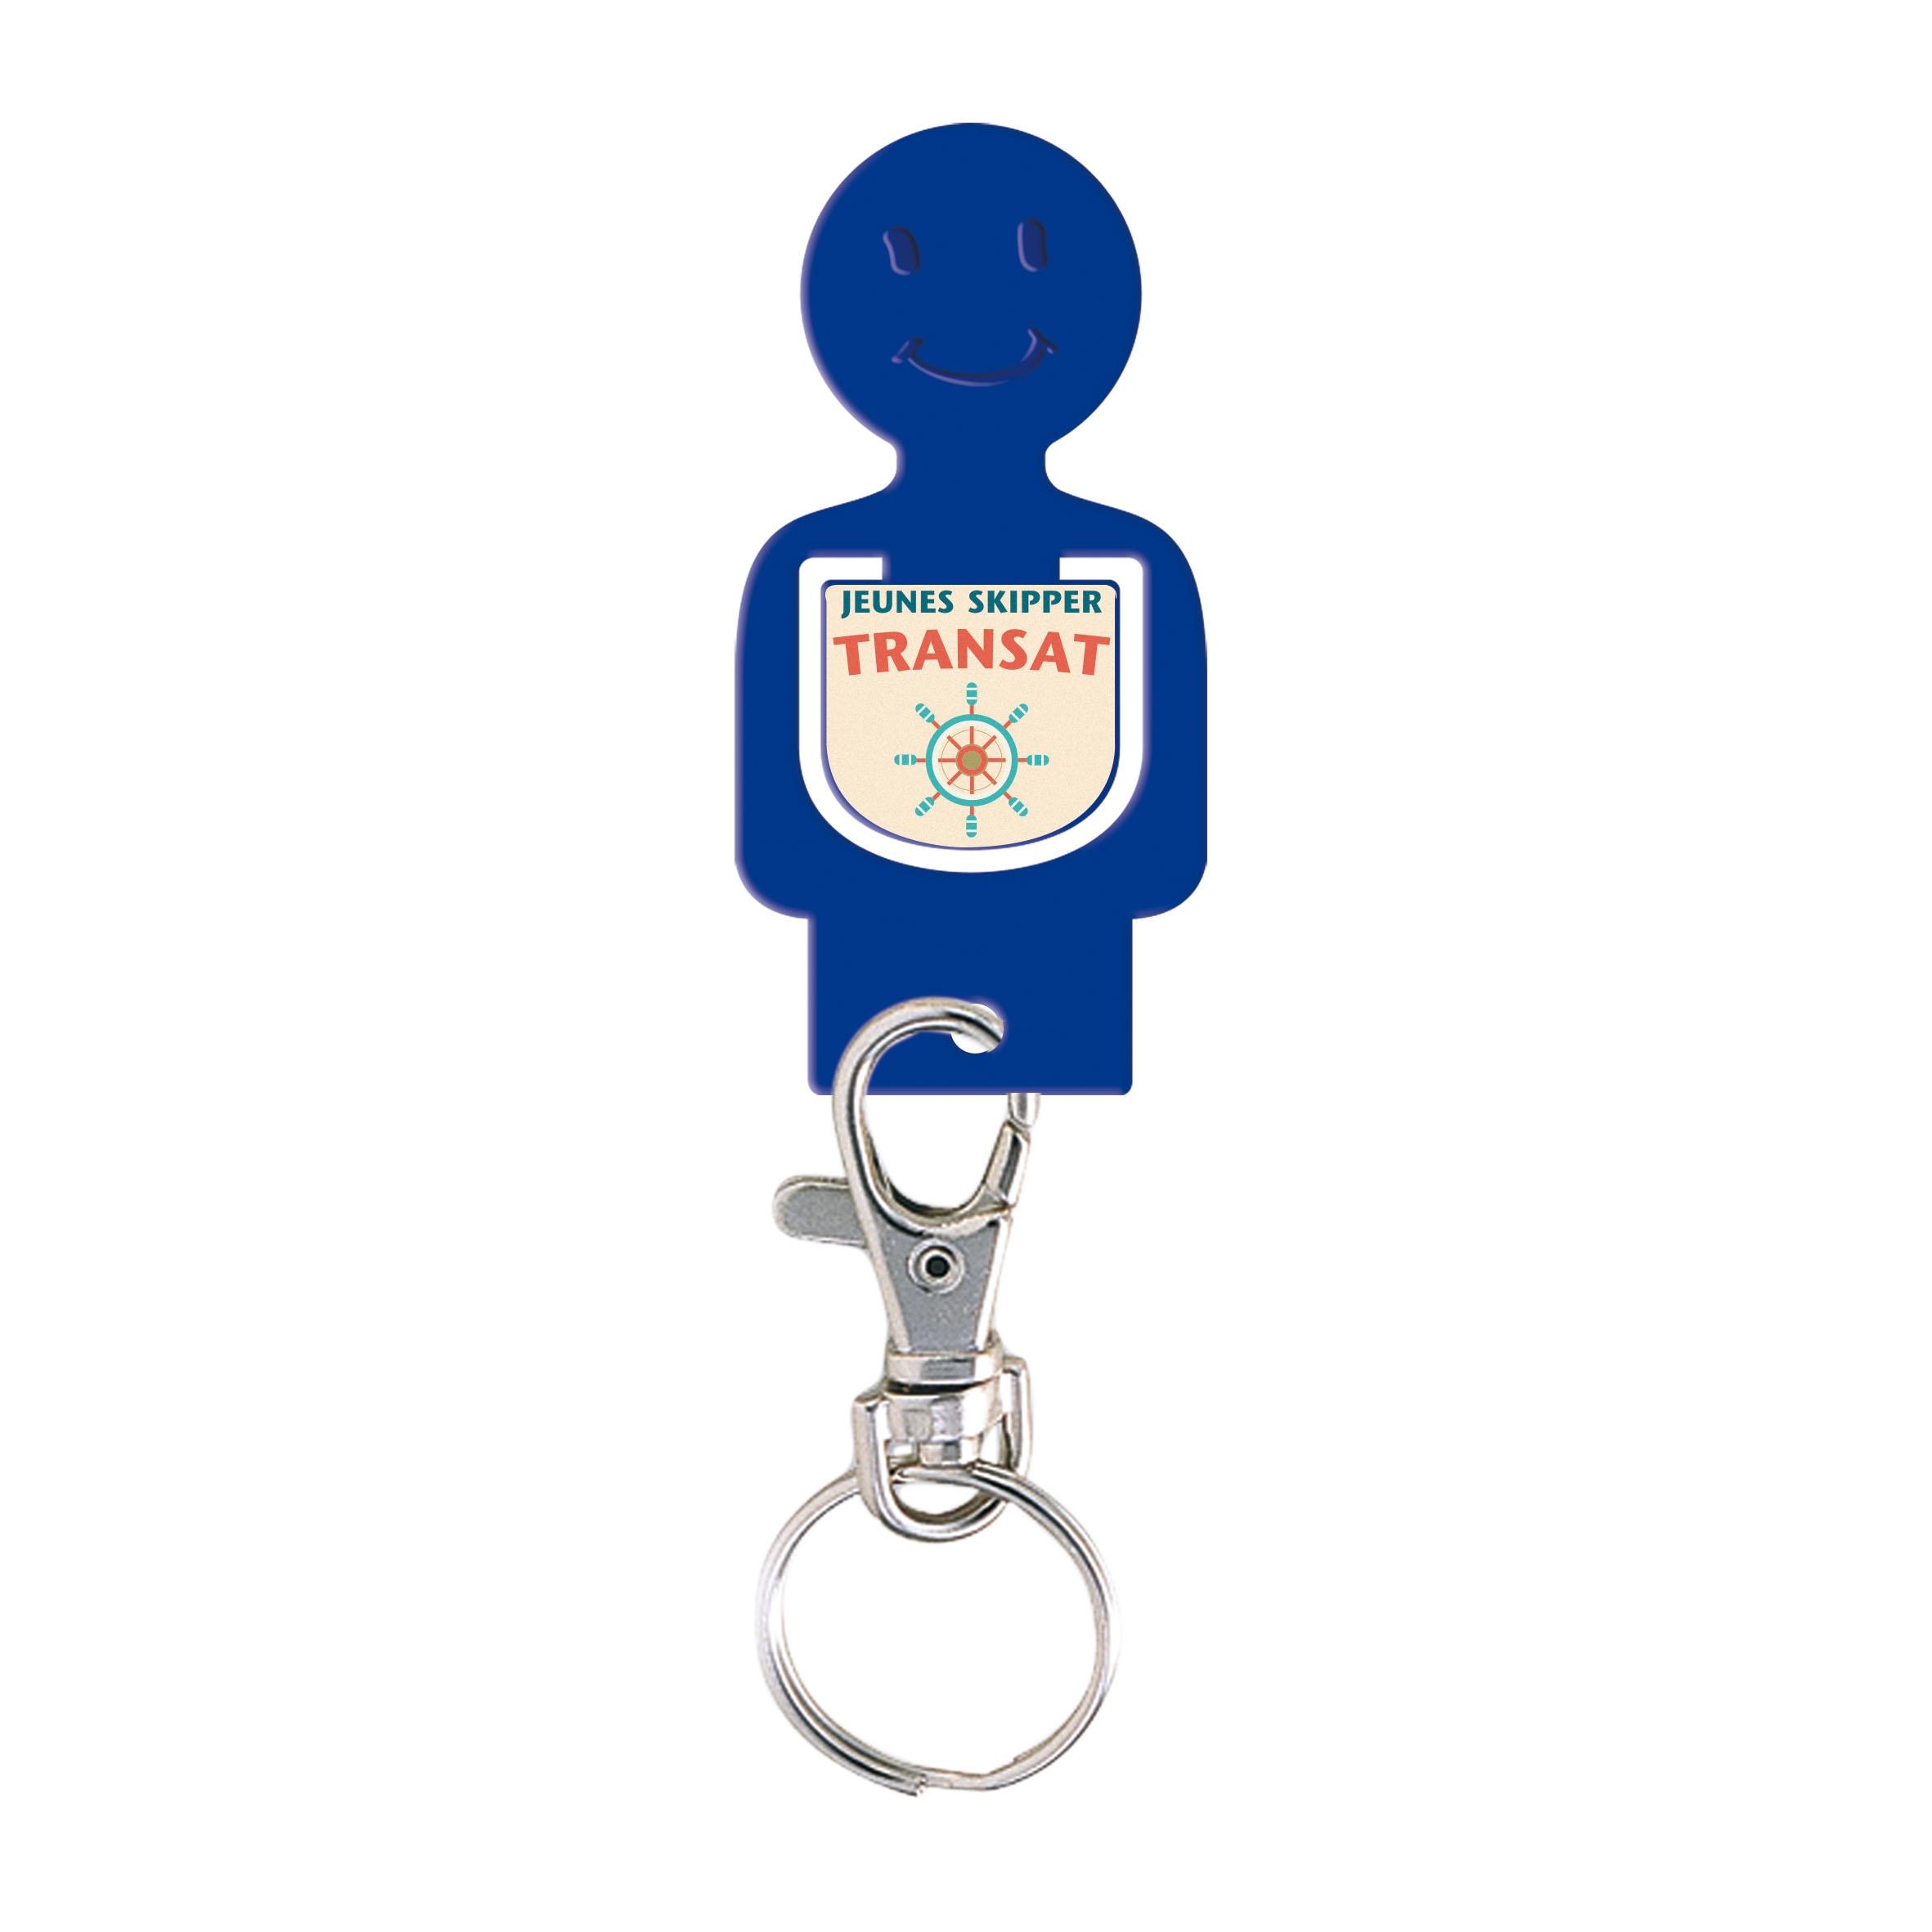 Porte-clés publicitaire jeton caddie Figurine - Goodies - bleu